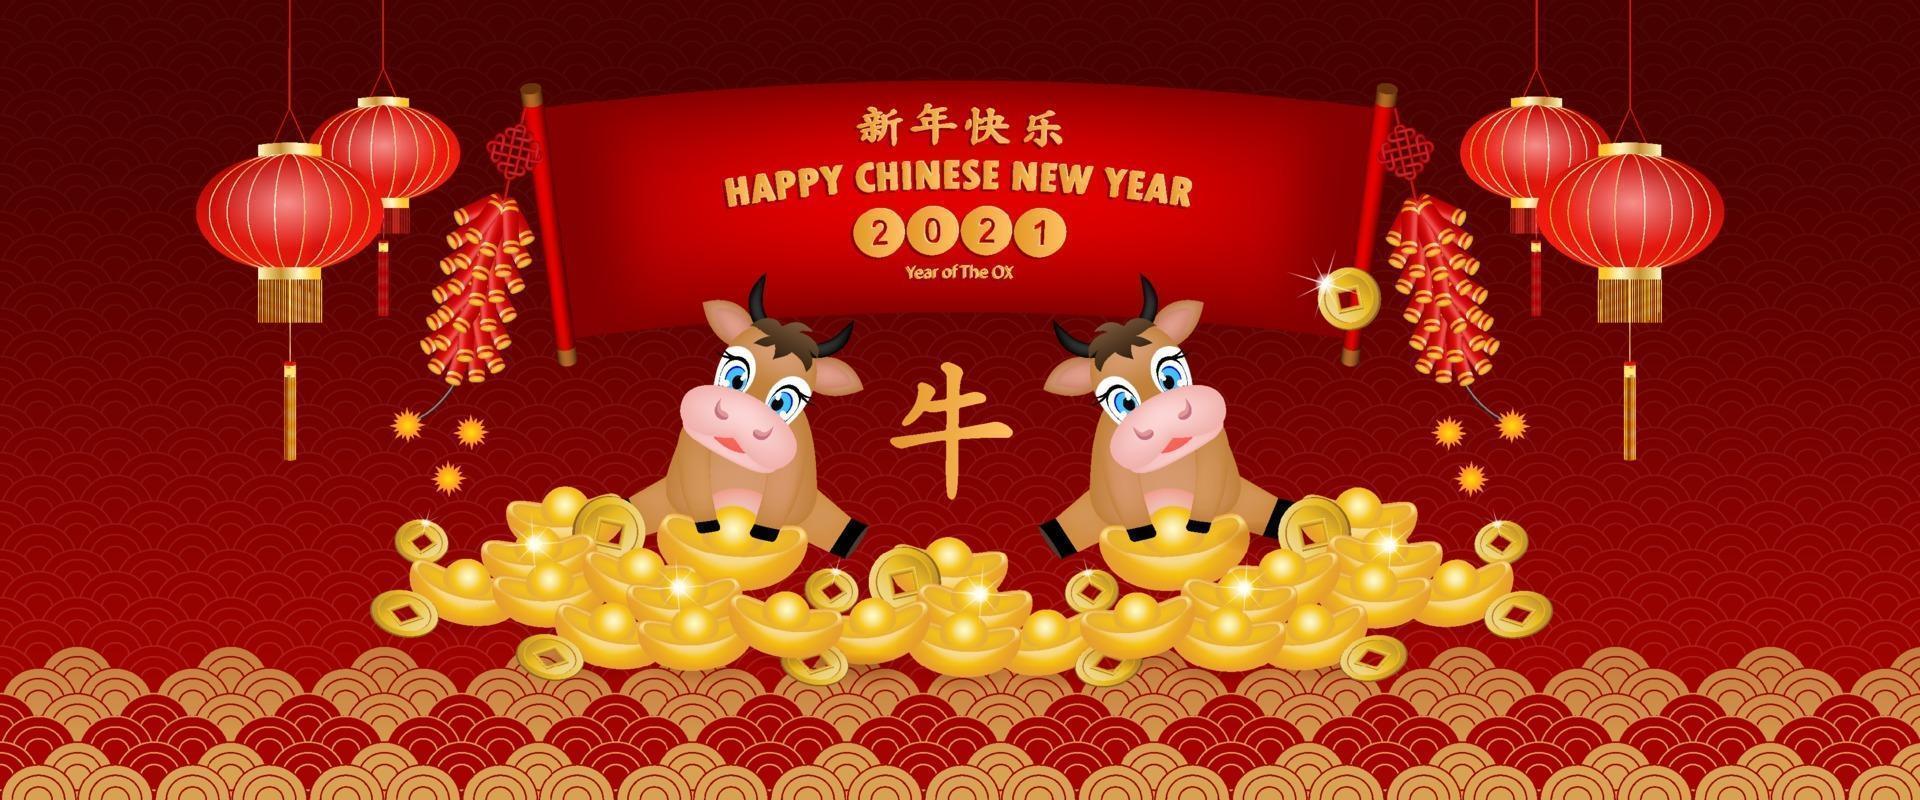 banner Aziatische elementen met ambachtelijke stijl op rode achtergrond. vector